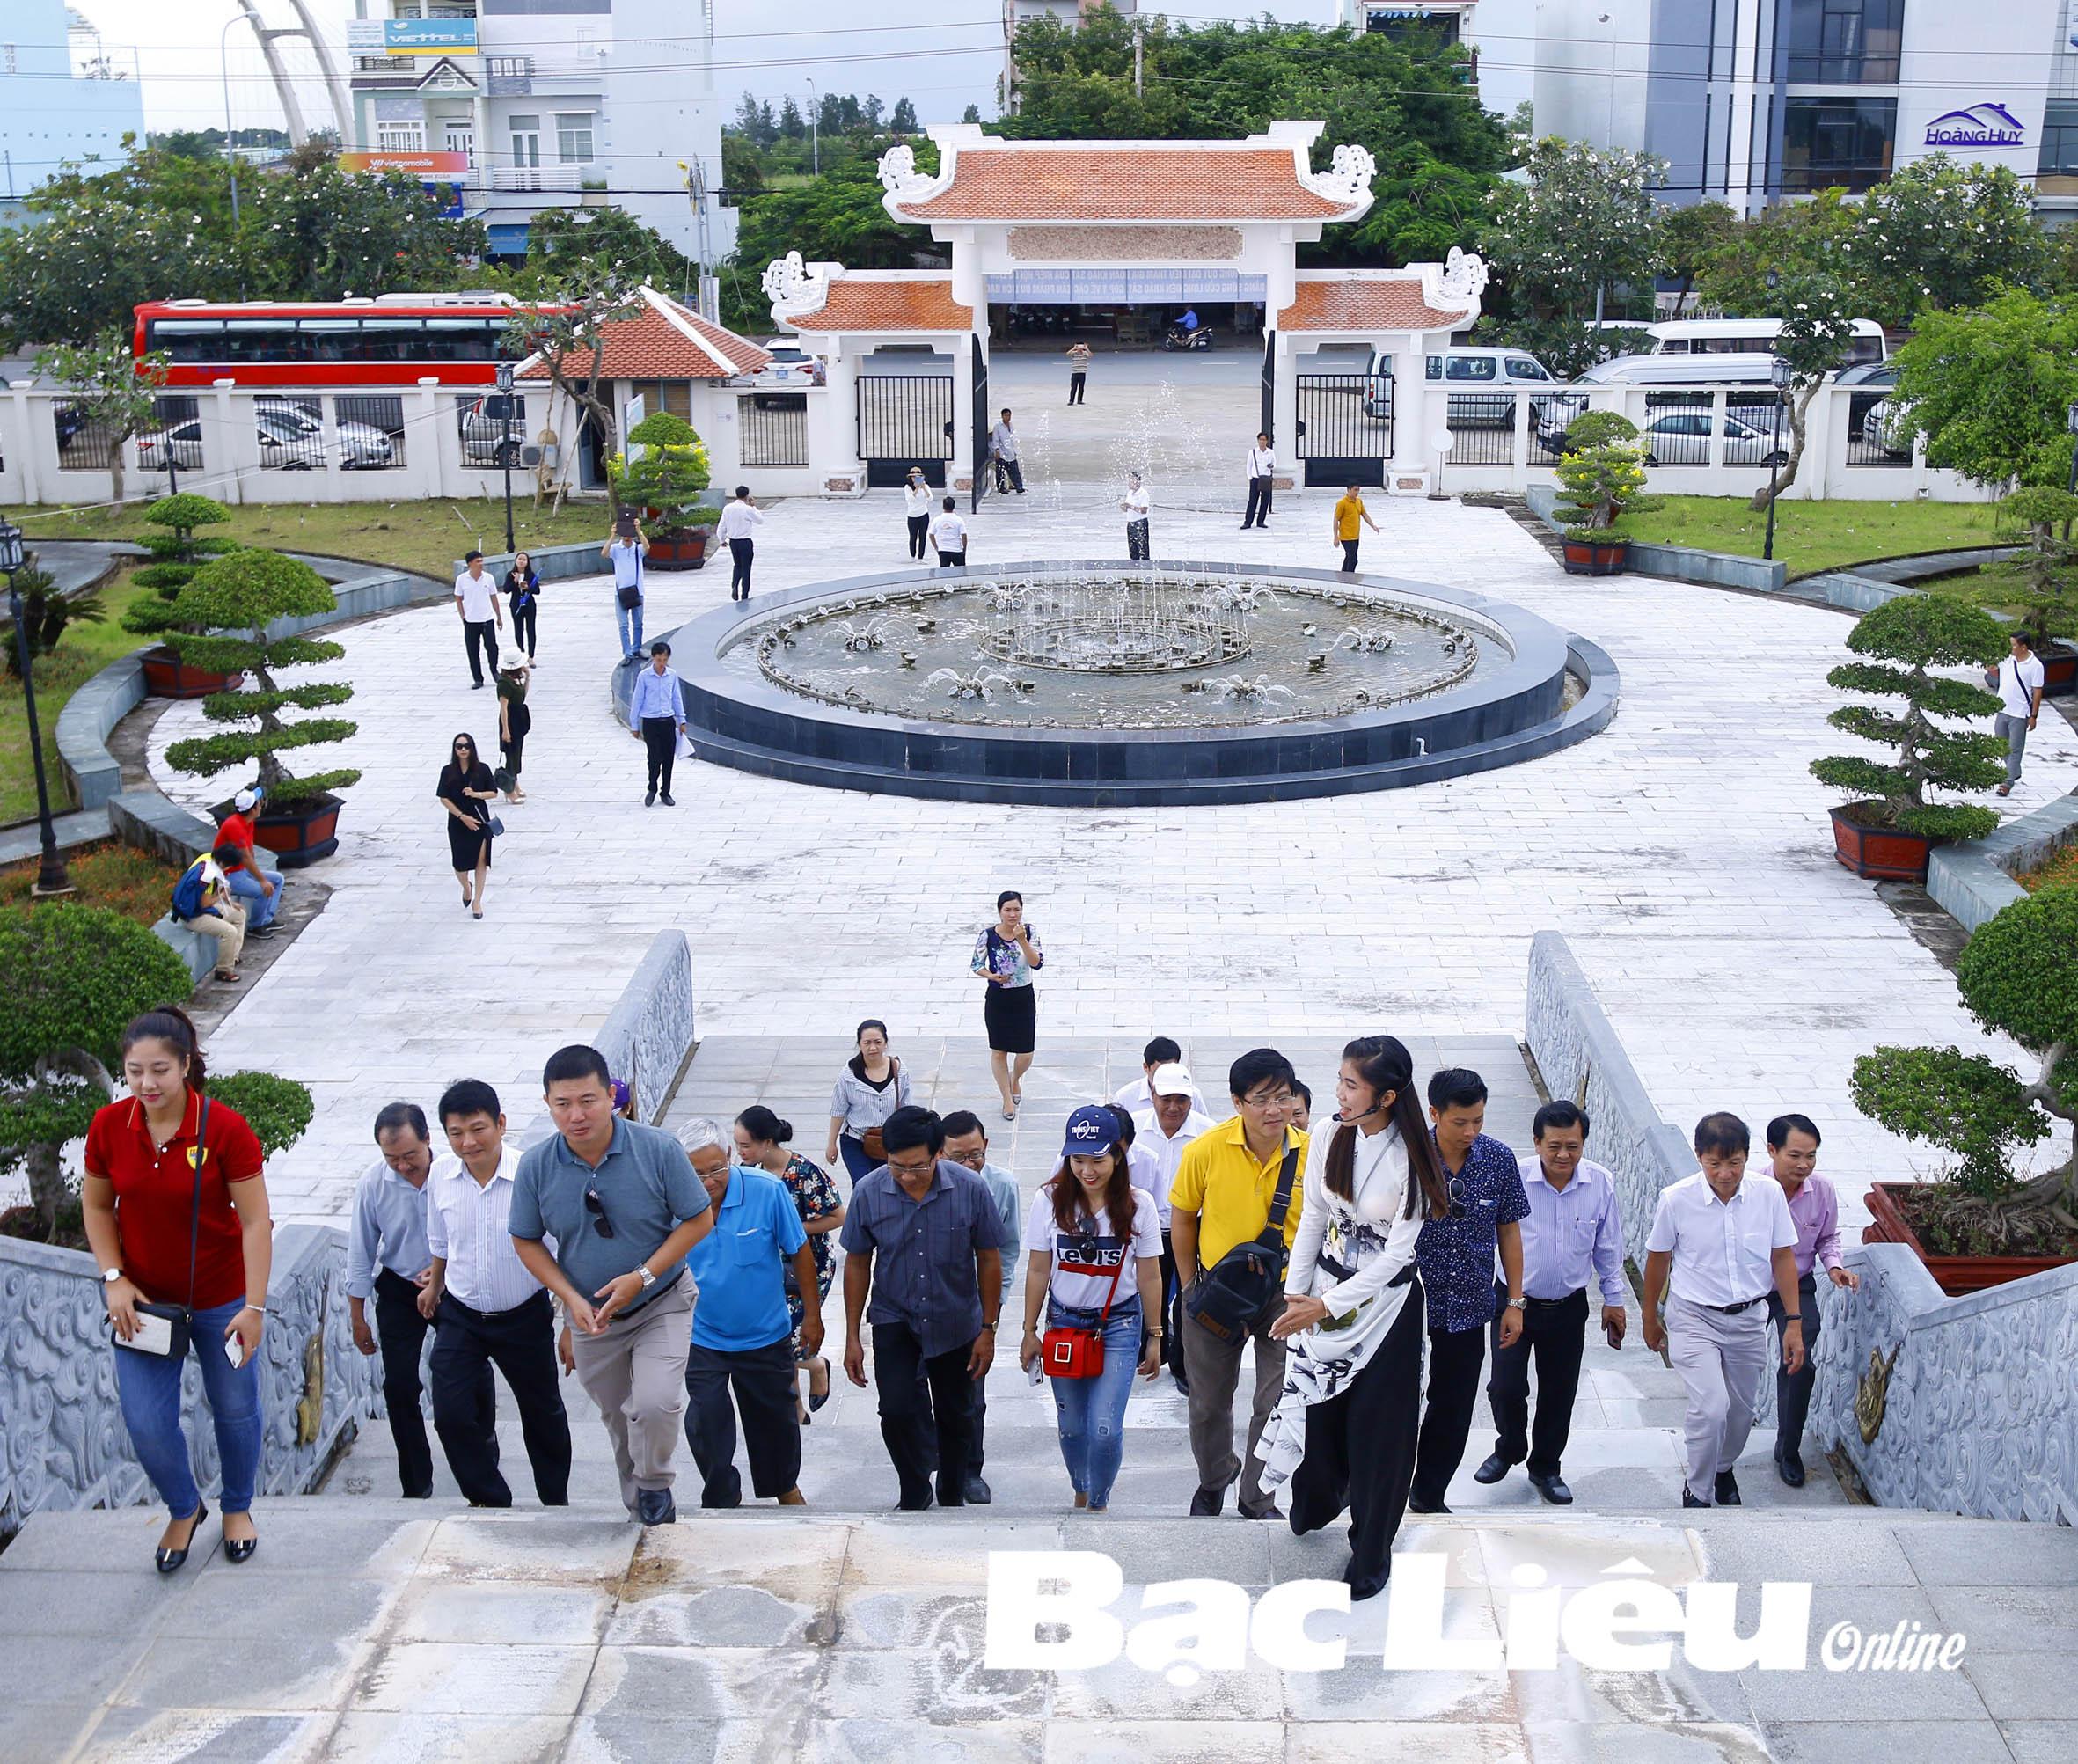 Du lịch Cụm phía Tây ĐBSCL: Cộng đồng trách nhiệm vì sự phát triển chung